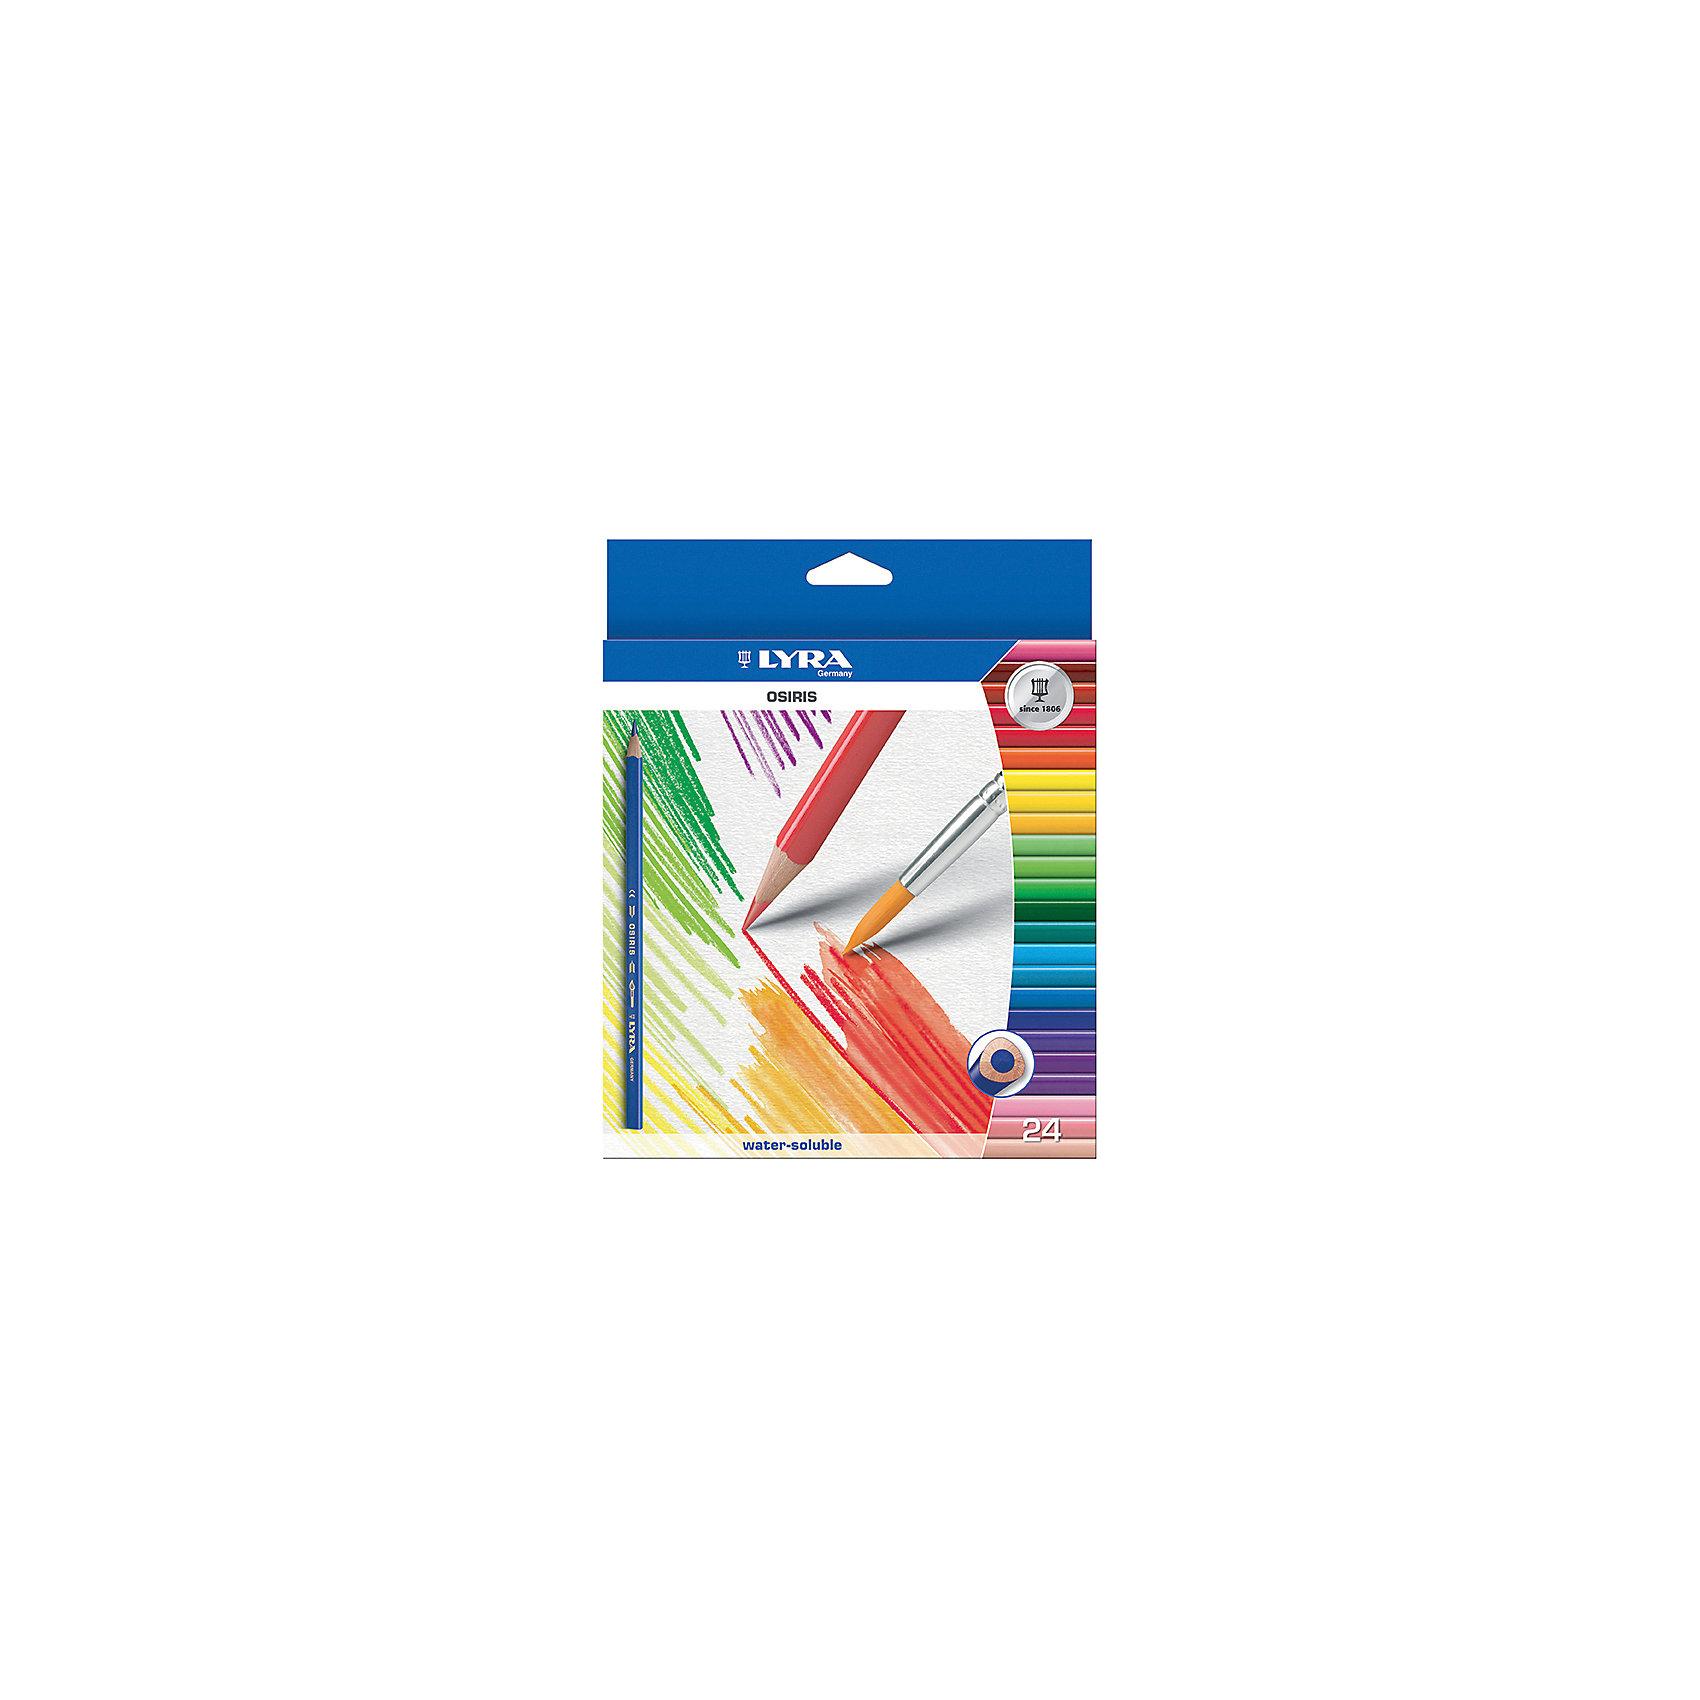 Цветные акварельные карандаши треугольной формы, 24 шт.Письменные принадлежности<br>Цветные акварельные карандаши, 24 шт.  Треугольной формы. Диаметр грифеля 3,3 мм. Экономичная линейка карандашей<br><br>Ширина мм: 217<br>Глубина мм: 192<br>Высота мм: 12<br>Вес г: 187<br>Возраст от месяцев: 60<br>Возраст до месяцев: 192<br>Пол: Унисекс<br>Возраст: Детский<br>SKU: 3322933